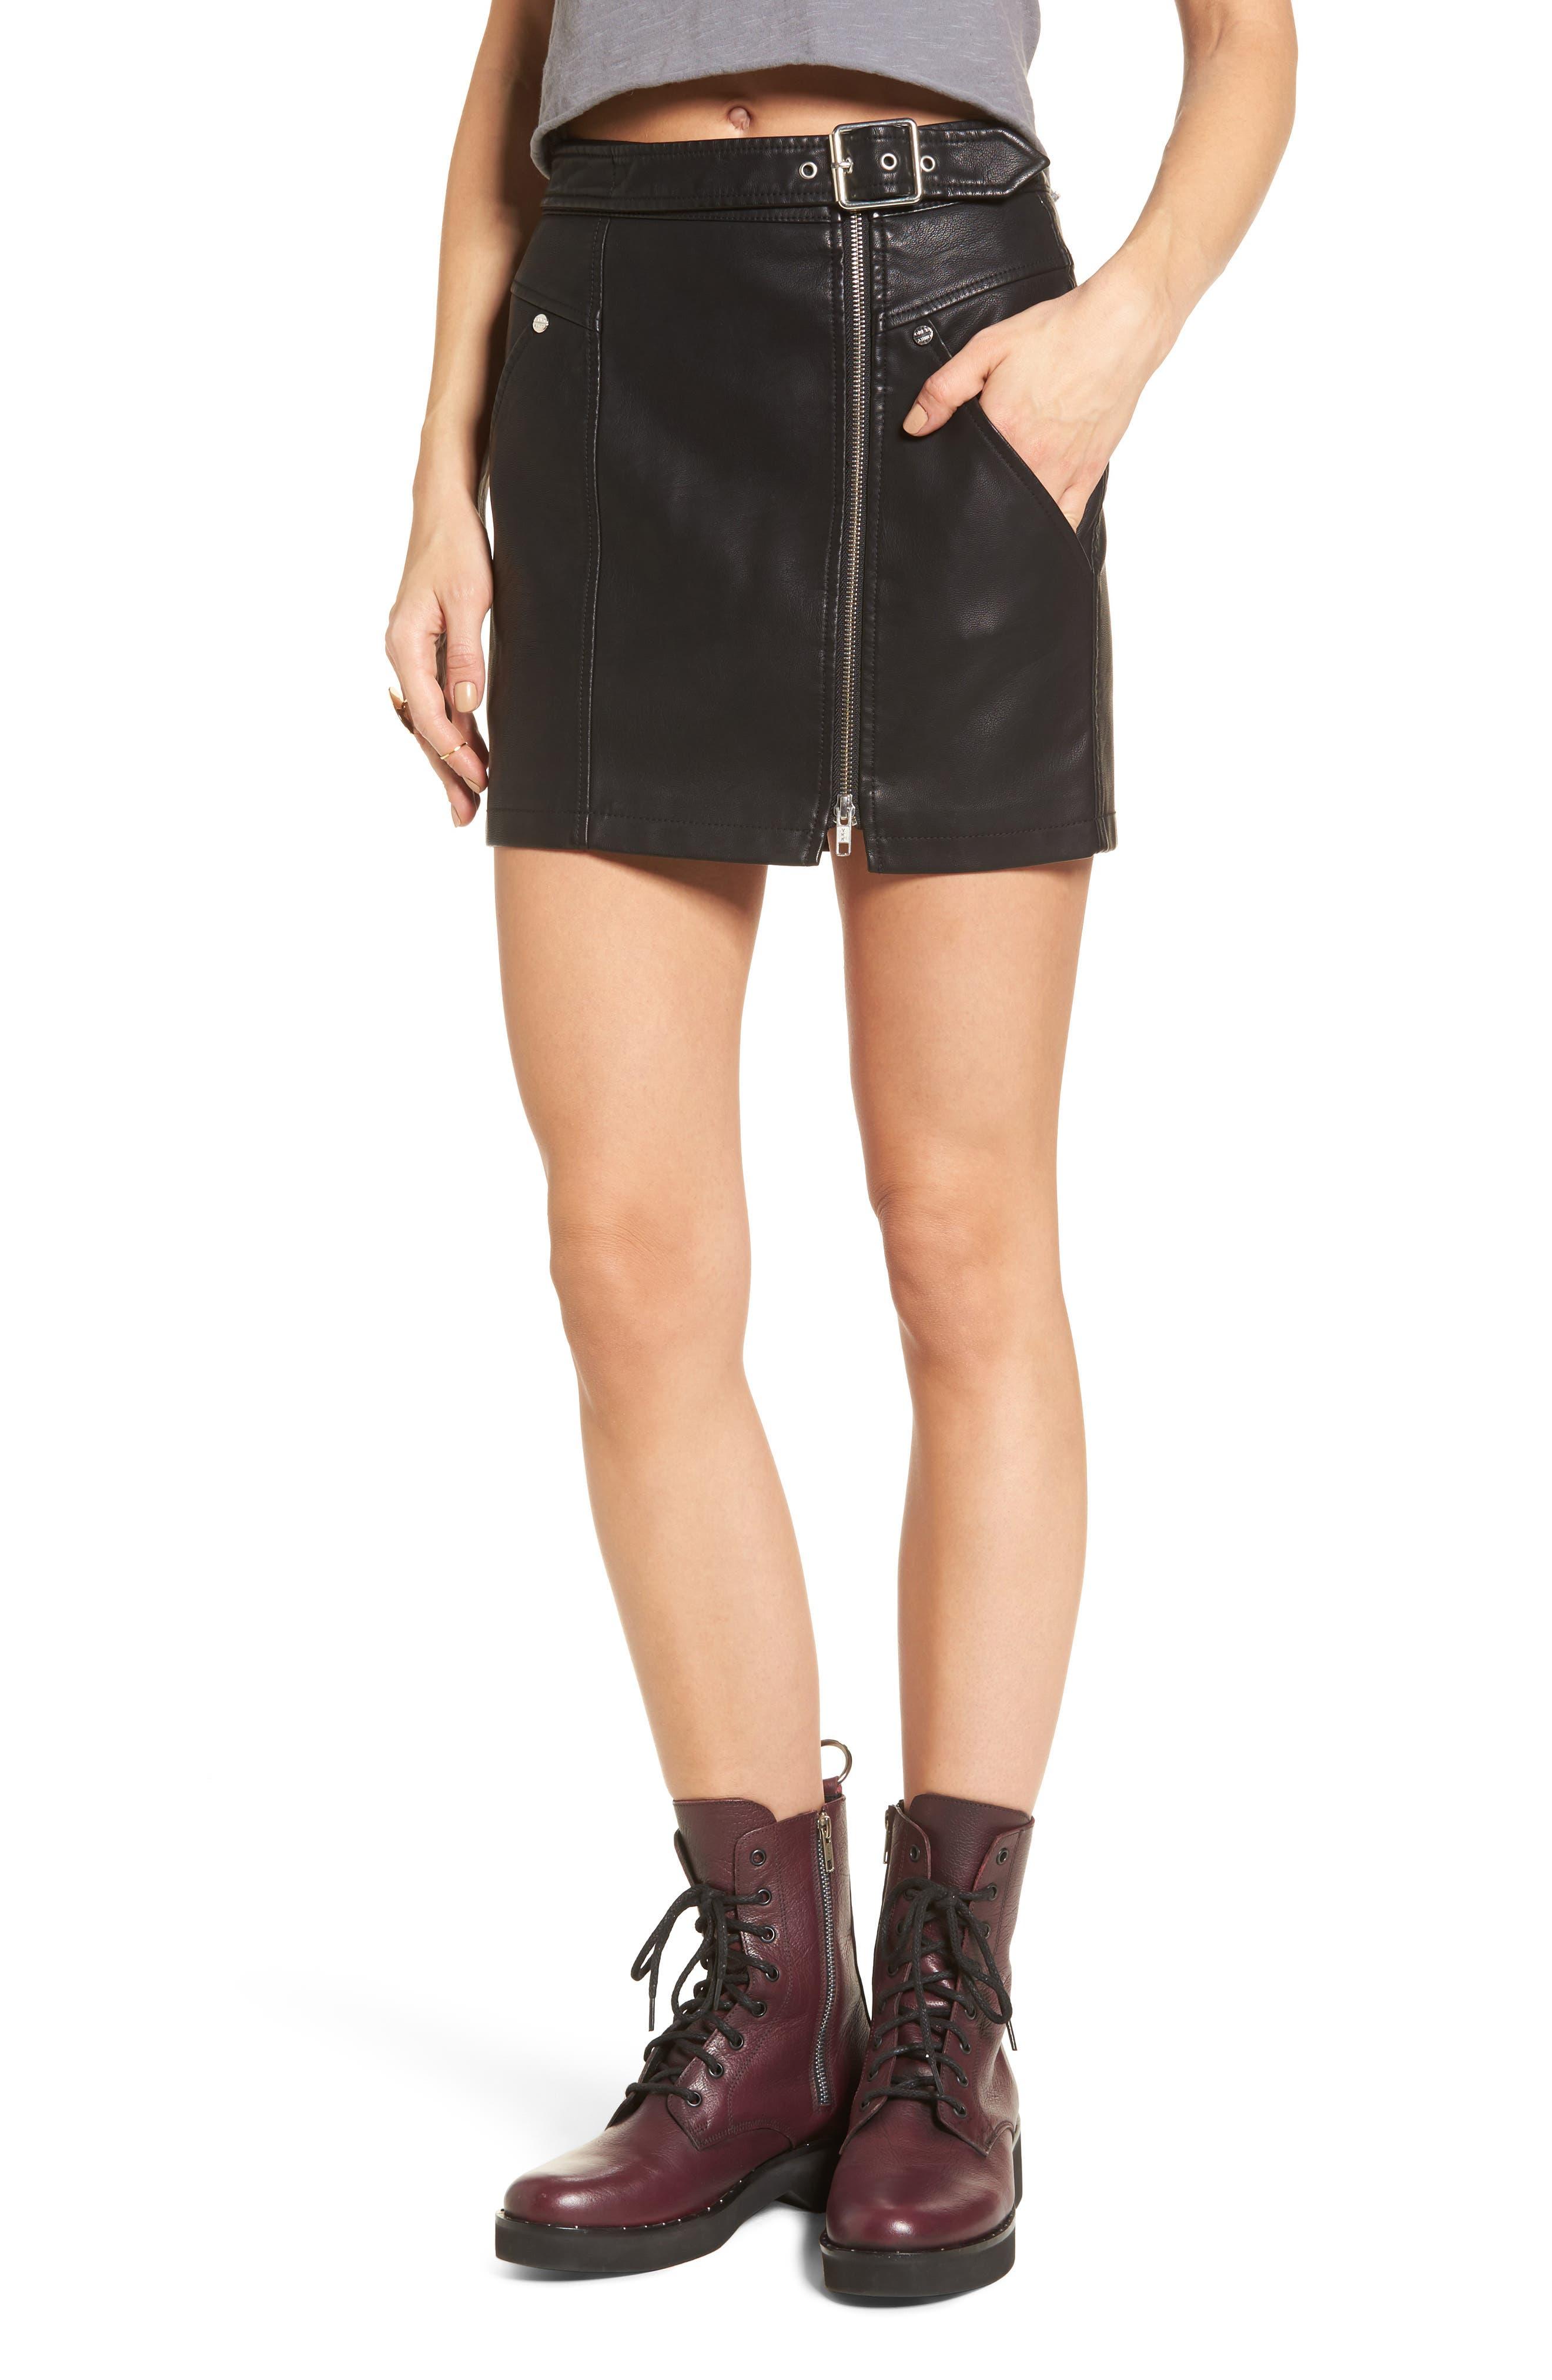 Banshee Skirt,                             Main thumbnail 1, color,                             001